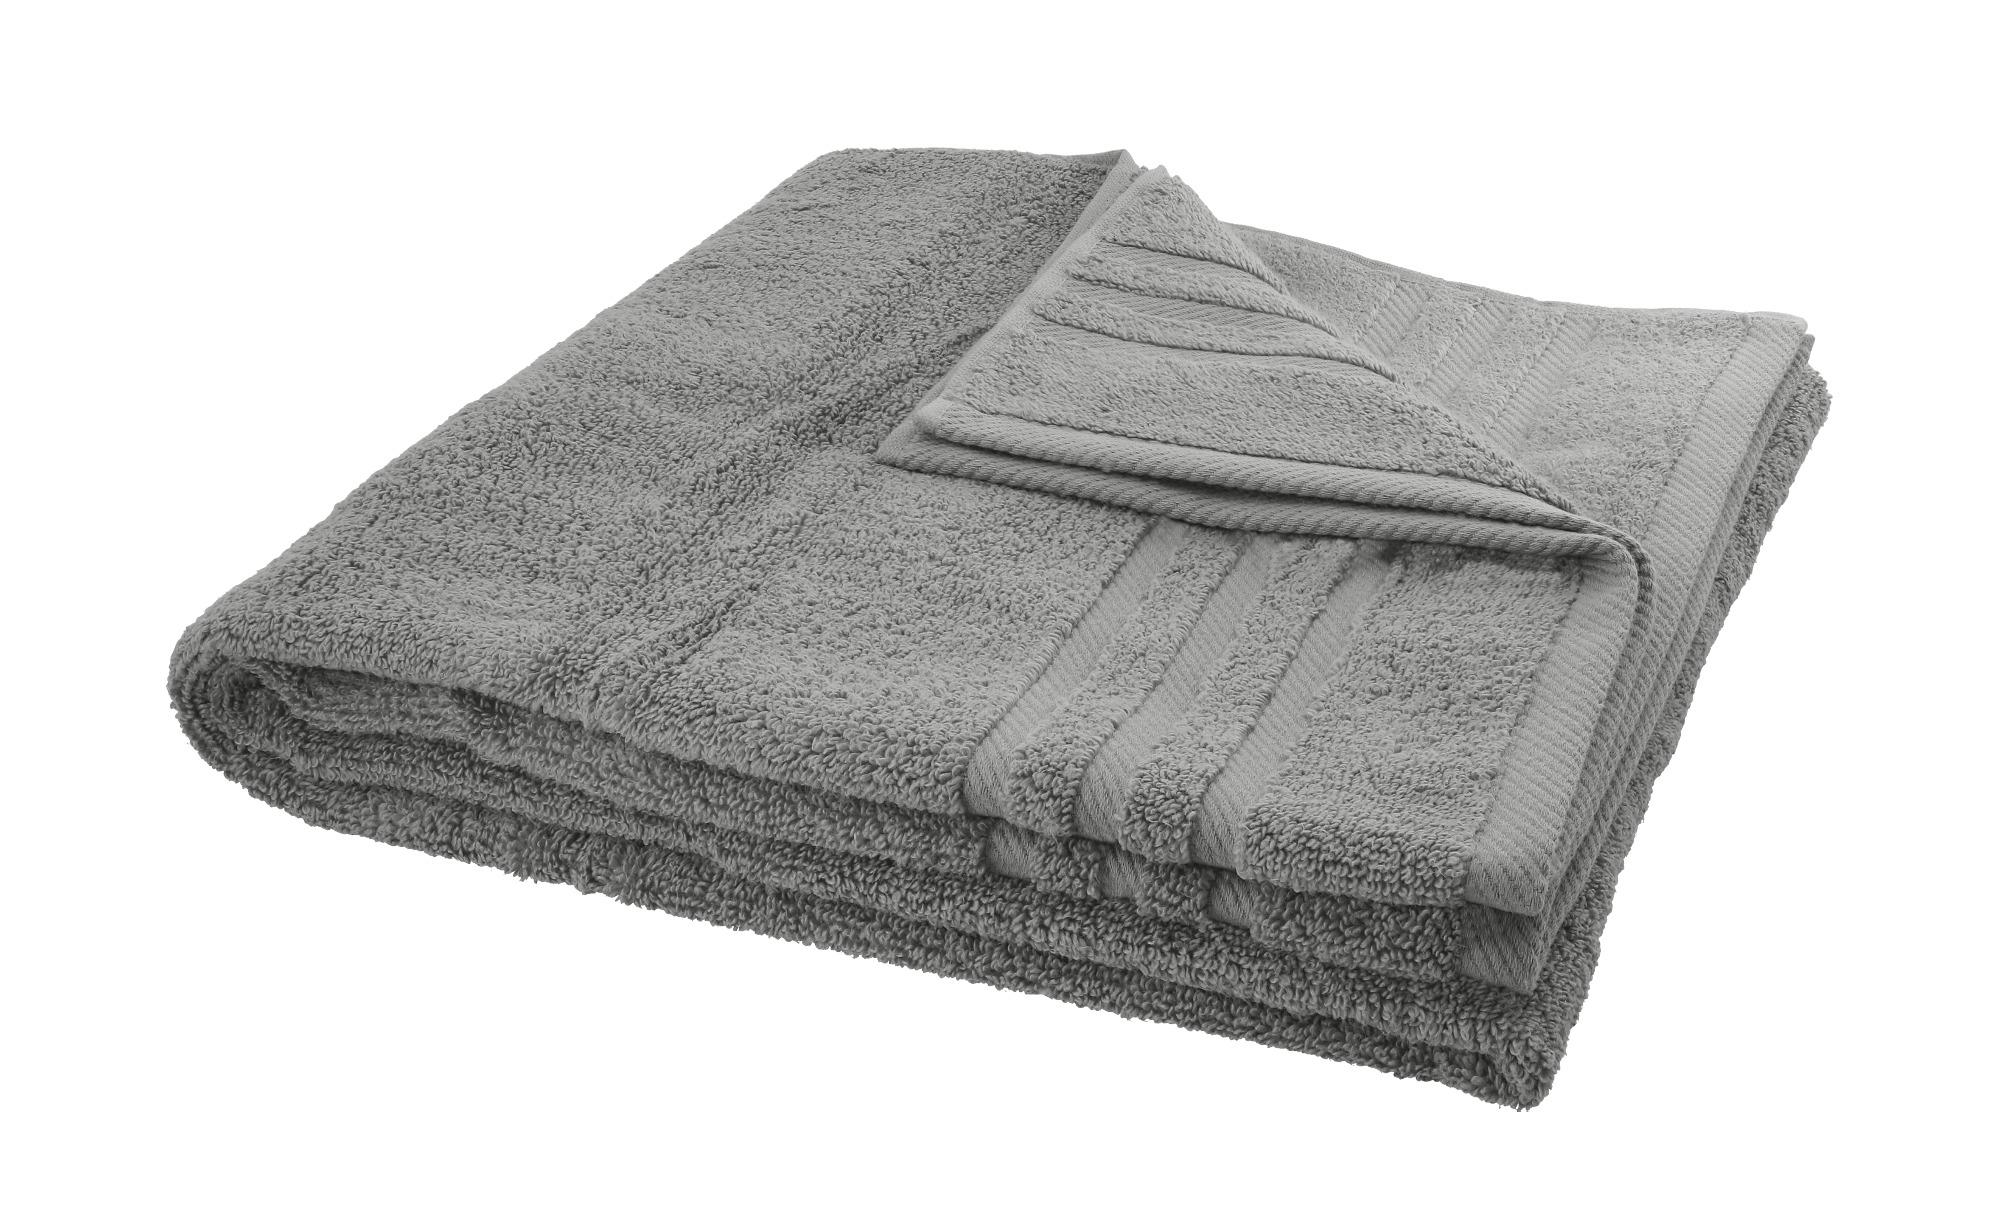 LAVIDA Duschtuch  Soft Cotton ¦ grau ¦ reine Micro-Baumwolle ¦ Maße (cm): B: 70 Badtextilien und Zubehör > Handtücher & Badetücher > Duschtücher - Höffner